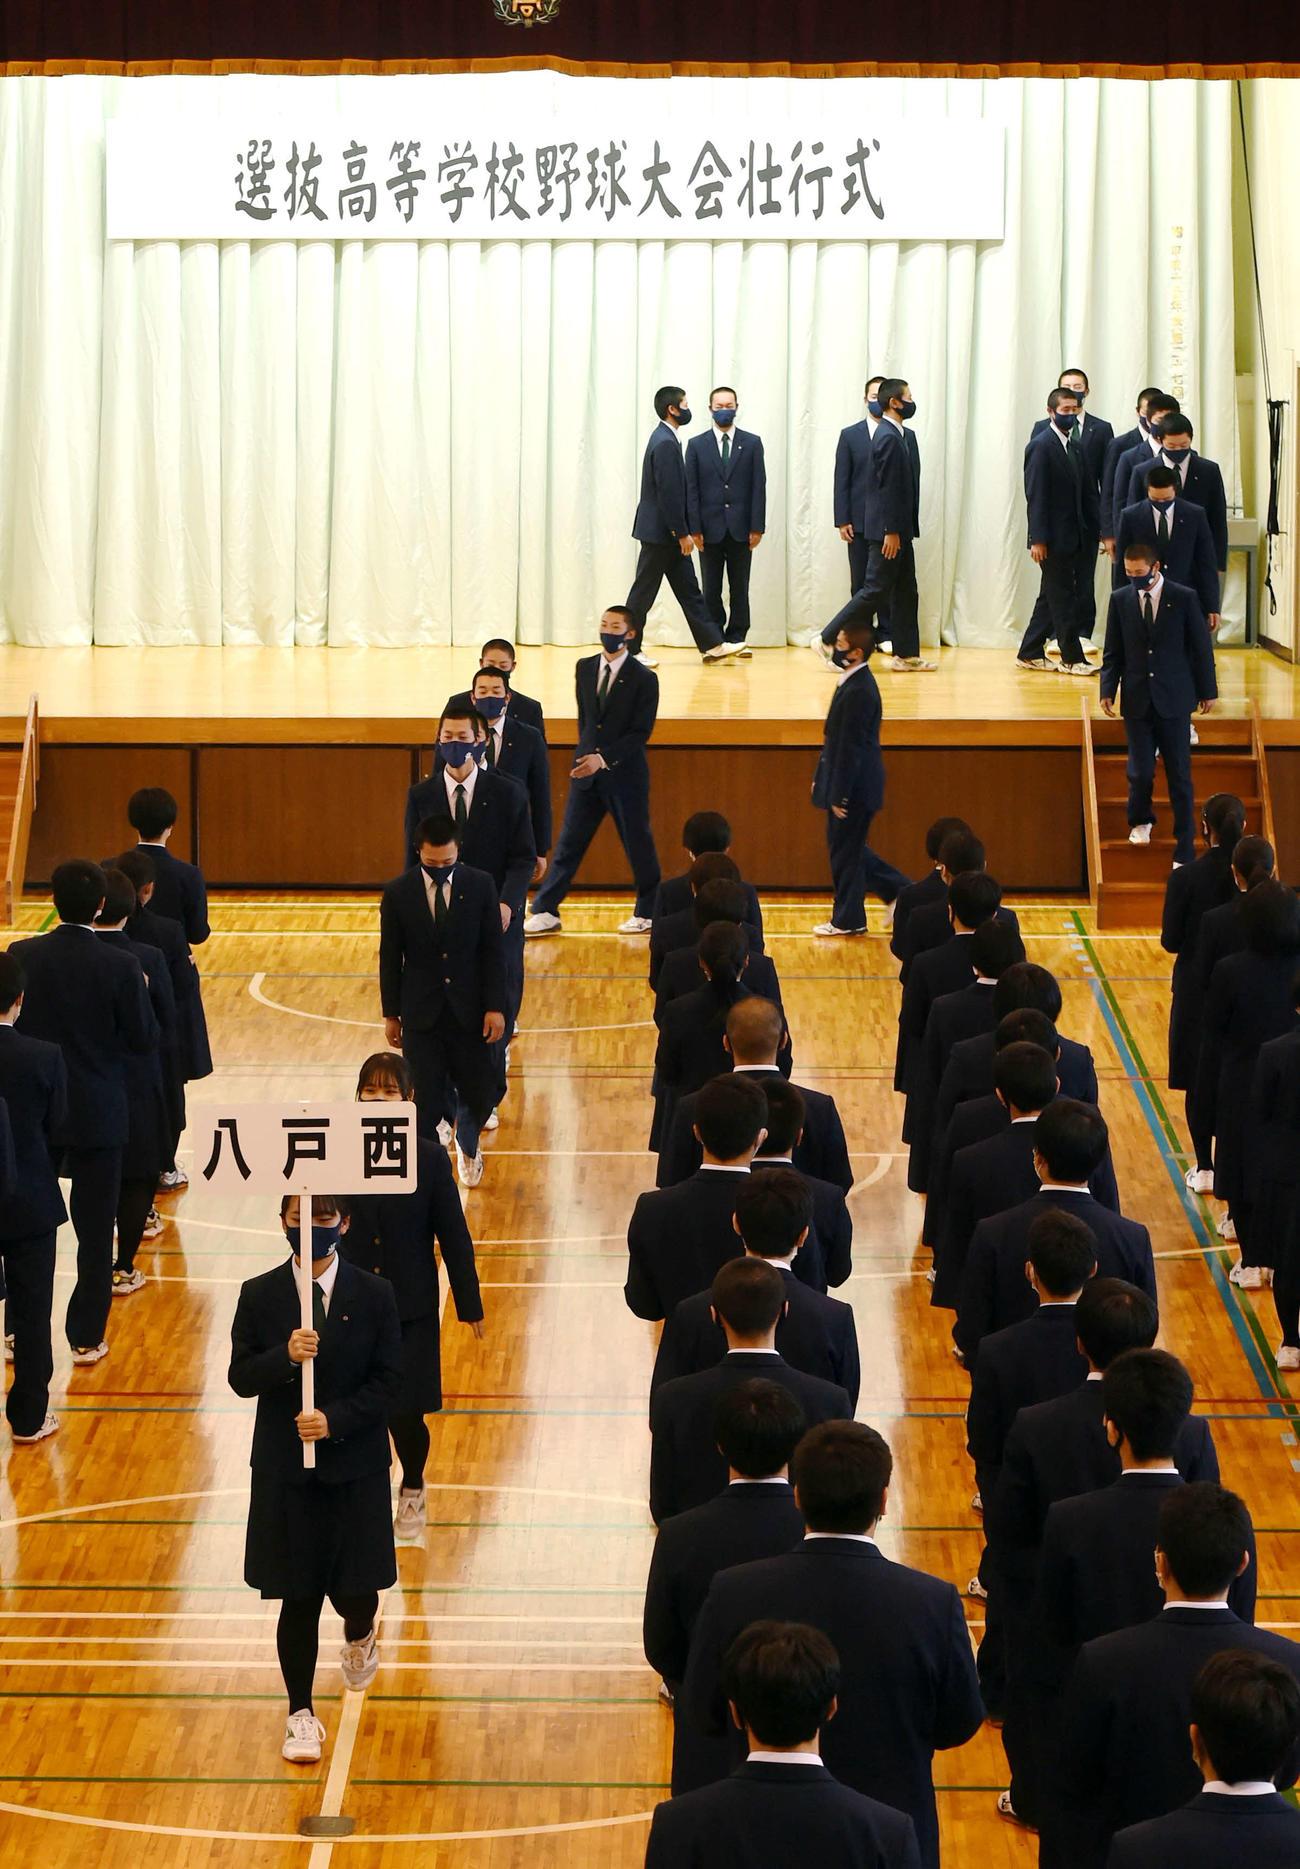 壮行式後に退場する八戸西の選手たち(撮影・相沢孔志)